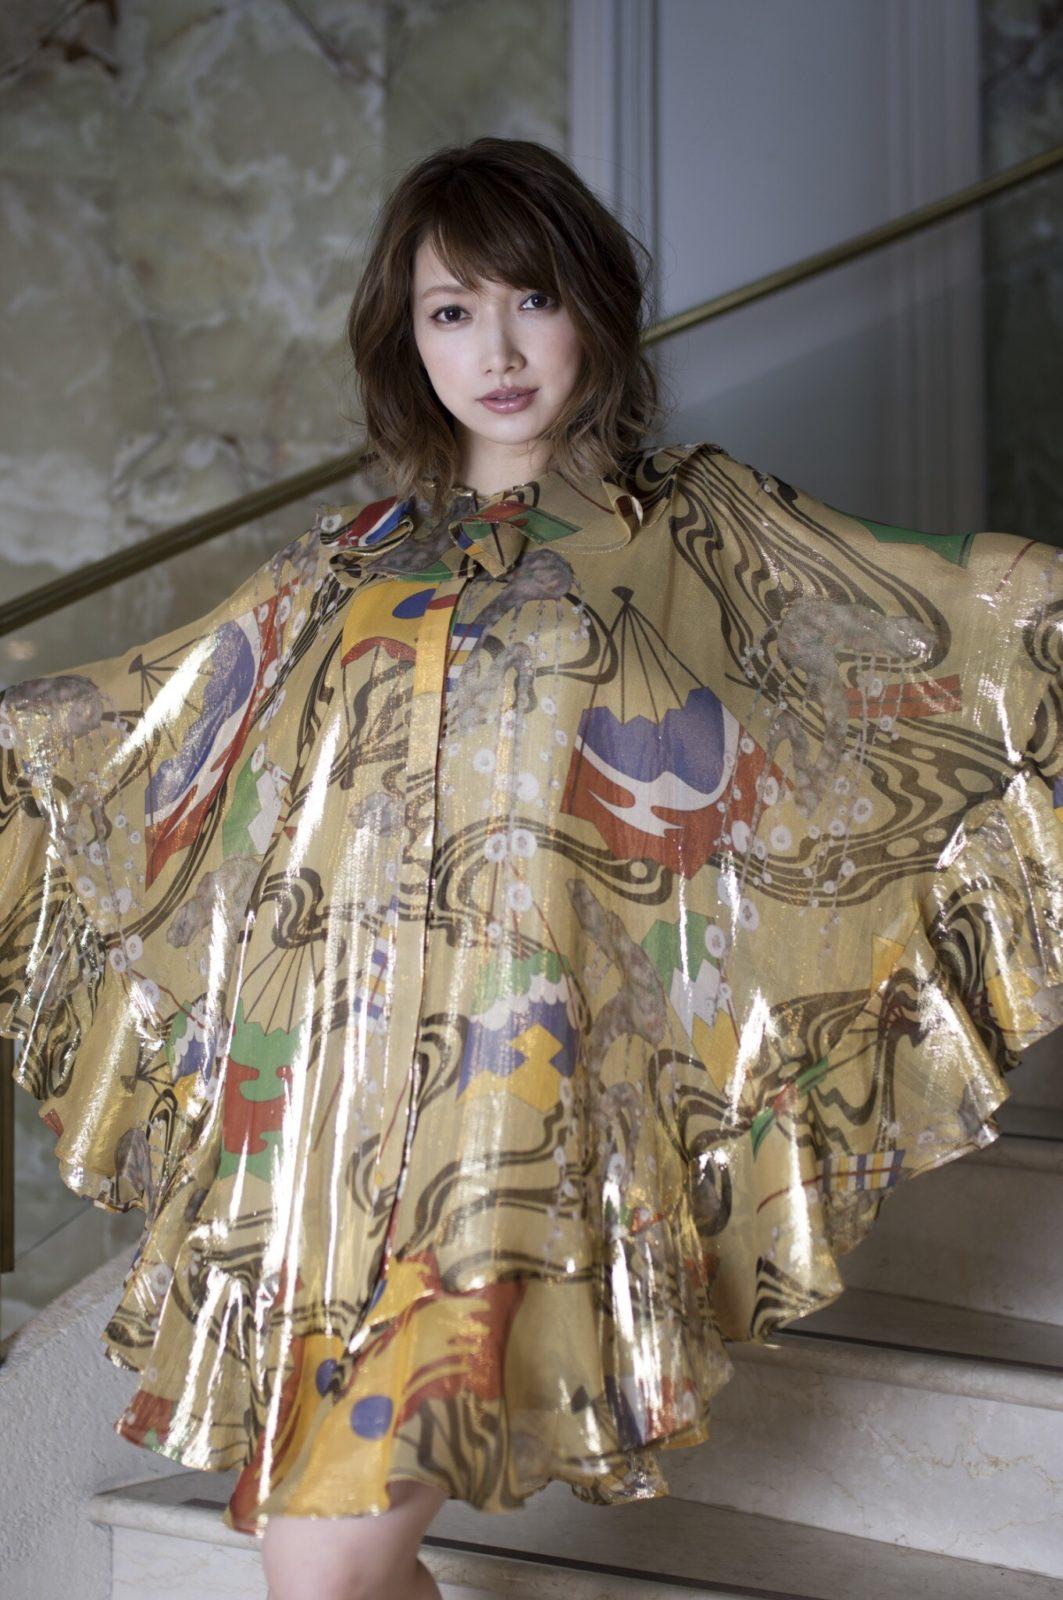 後藤真希、第2子出産後3か月足らず、変わらぬ美貌とファッショナブルな姿披露で「なんて美しいんだろう」「美しい女神」サムネイル画像!